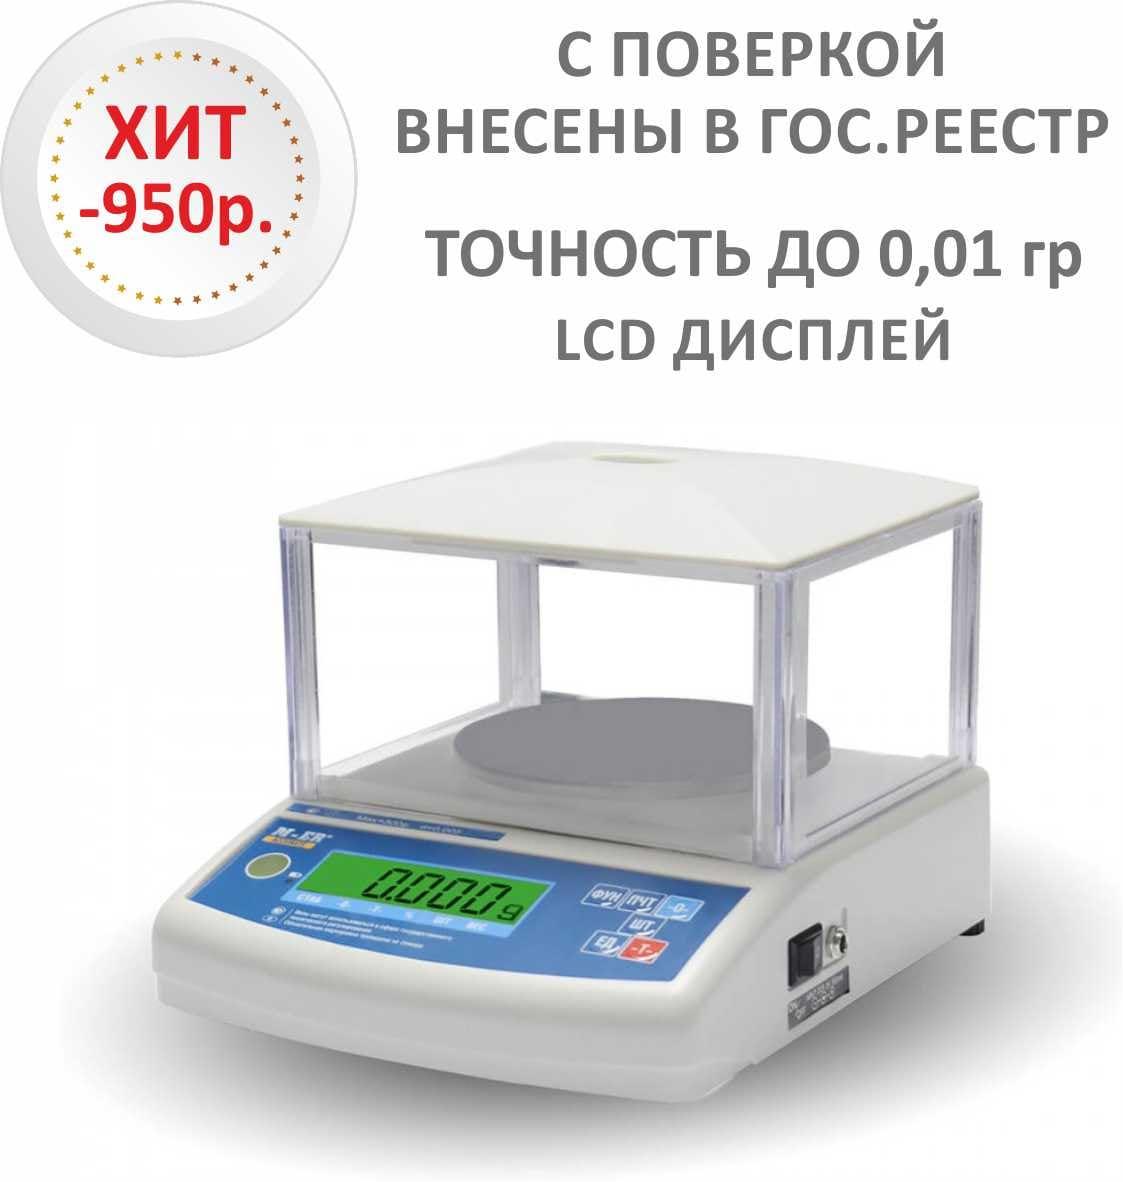 Весы лабораторные/аналитические M-ER 122 АCFJR-600.01 ACCURATE LCD - вид спереди